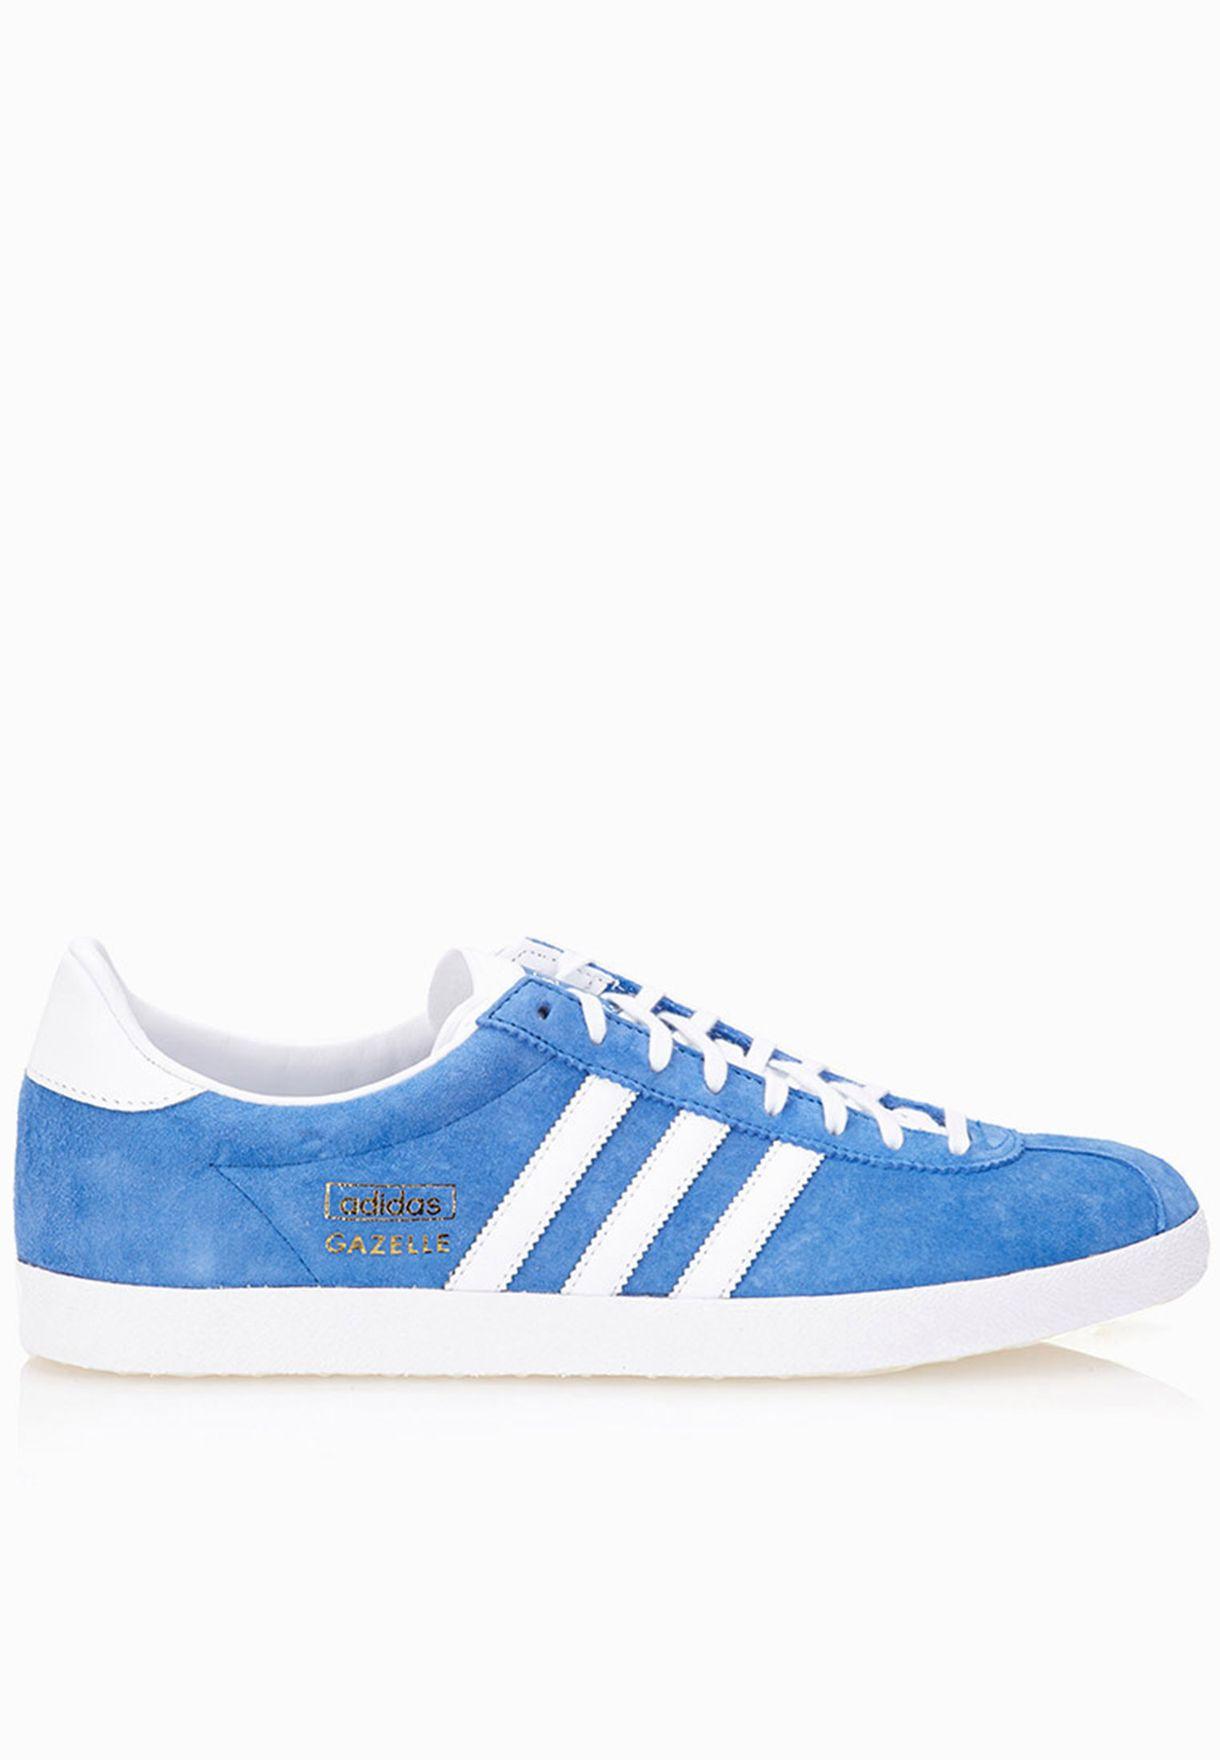 Shop adidas Originals blue Gazelle OG G16183 for Men in Bahrain -  AD478SH11ITG b8183fa64